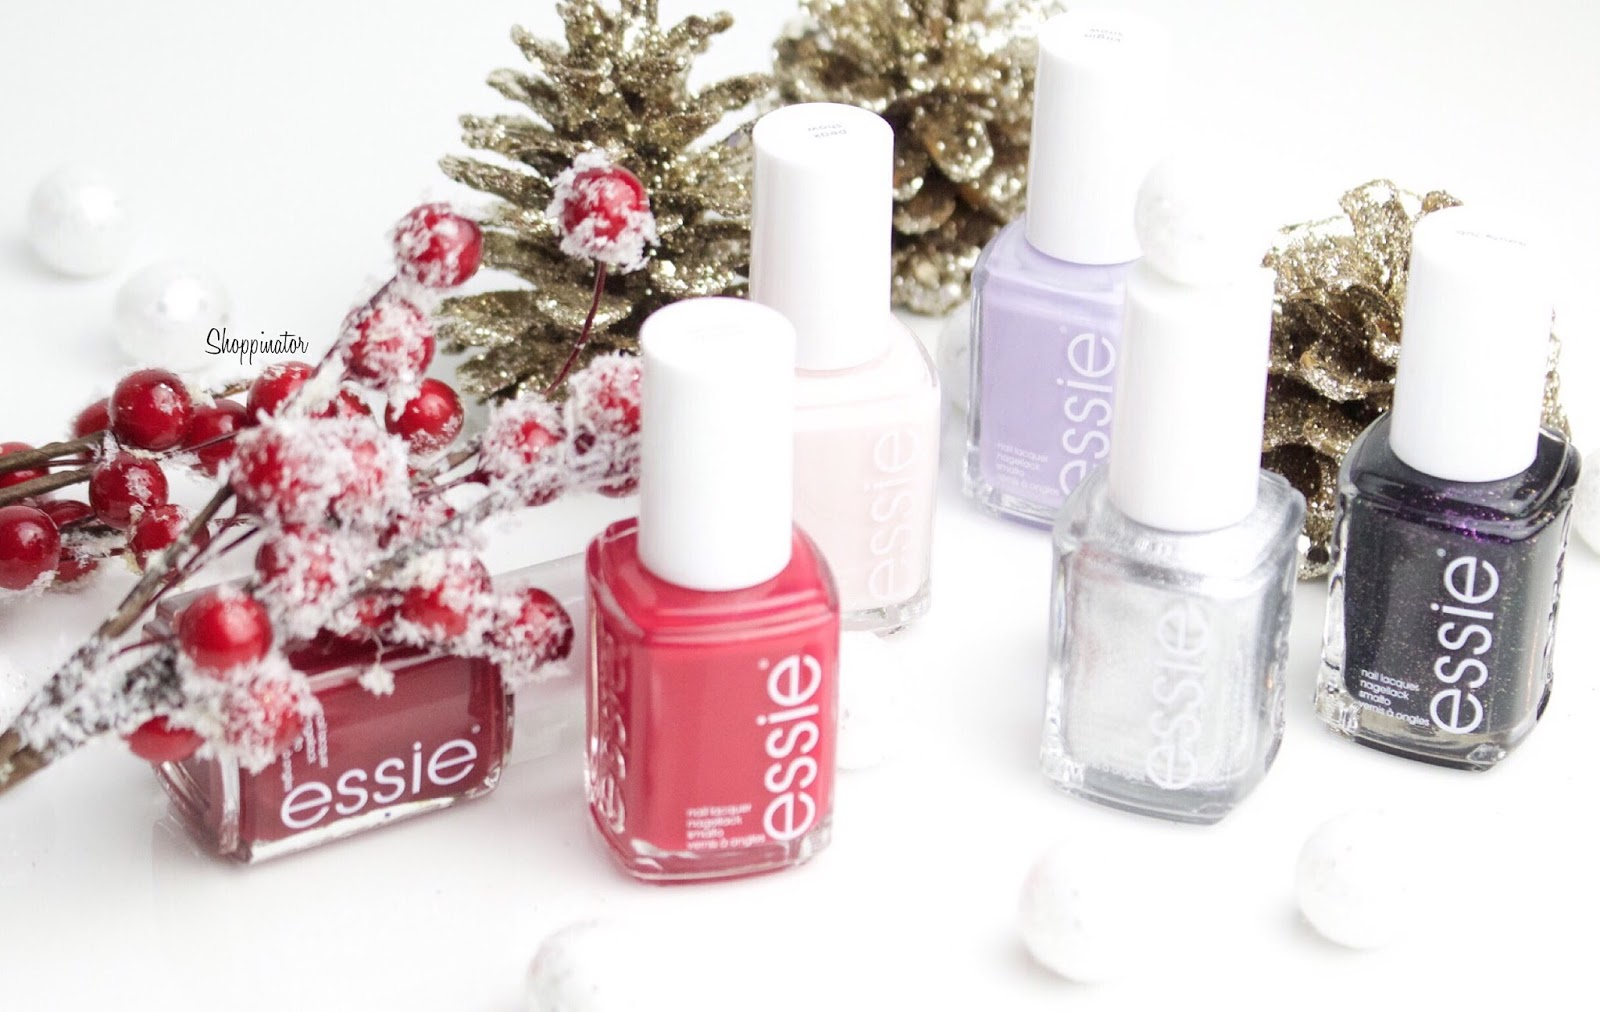 Shoppinator-Blog-Essie-Winter-Winter2015-2015-LE-WinterLE-Weihnachten2015-limitiert-virgin-snow-essiewinter-shall-we-shallet-altitude-attitude-peak-show-apres-chic-haute-tub-flieder-nude-rosa-rose-rot-glitzer-nagellack-essielack-silber